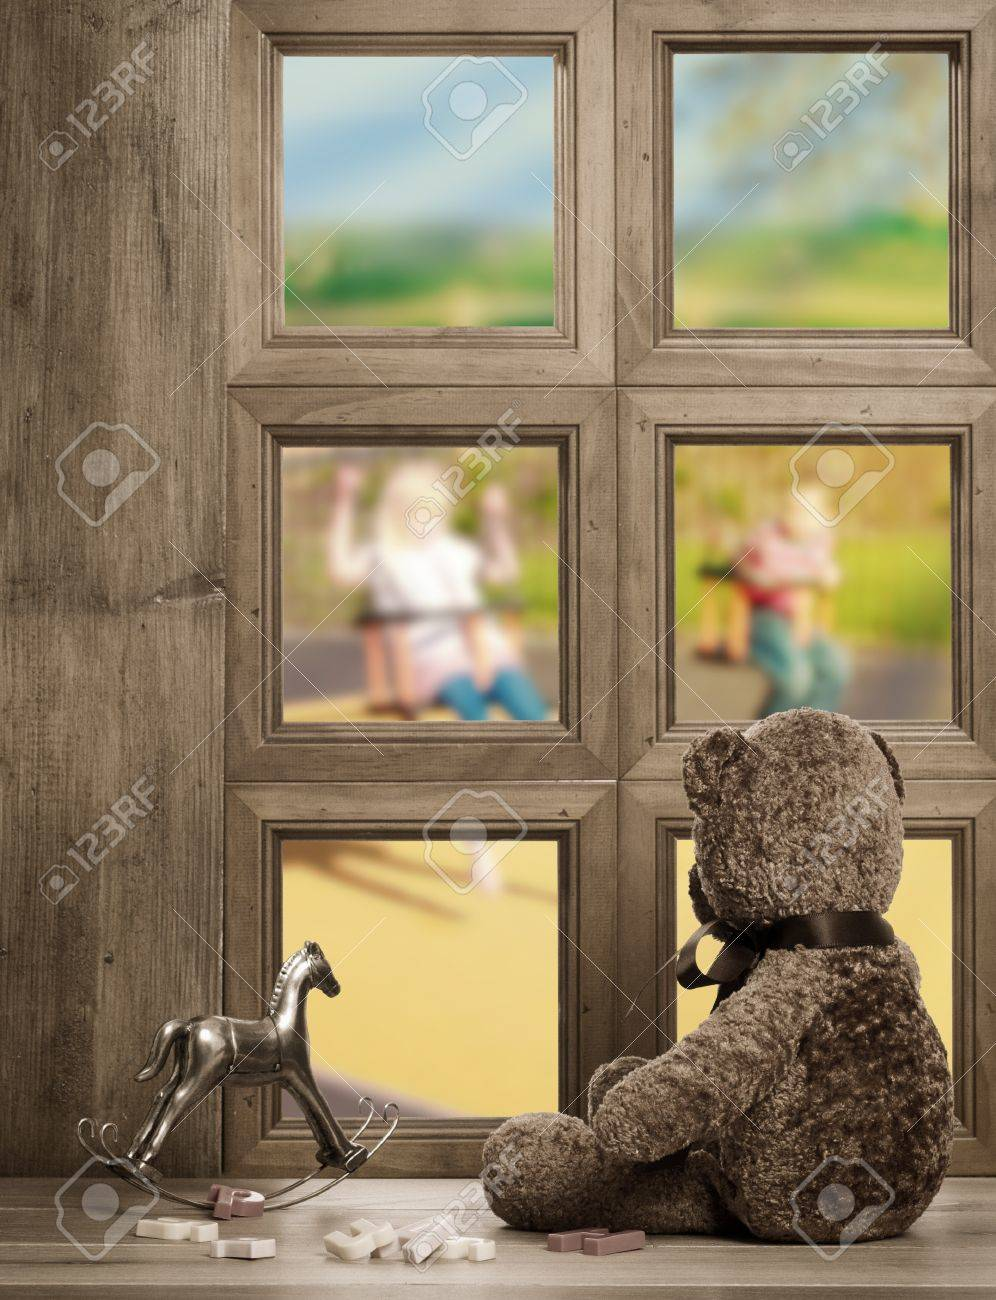 Full Size of Teddy Schaut Aus Fenster Warten Auf Die Regal Garten Sofa Weiß Schaukelstuhl Schaukel Für Regale Kinderzimmer Schaukel Kinderzimmer